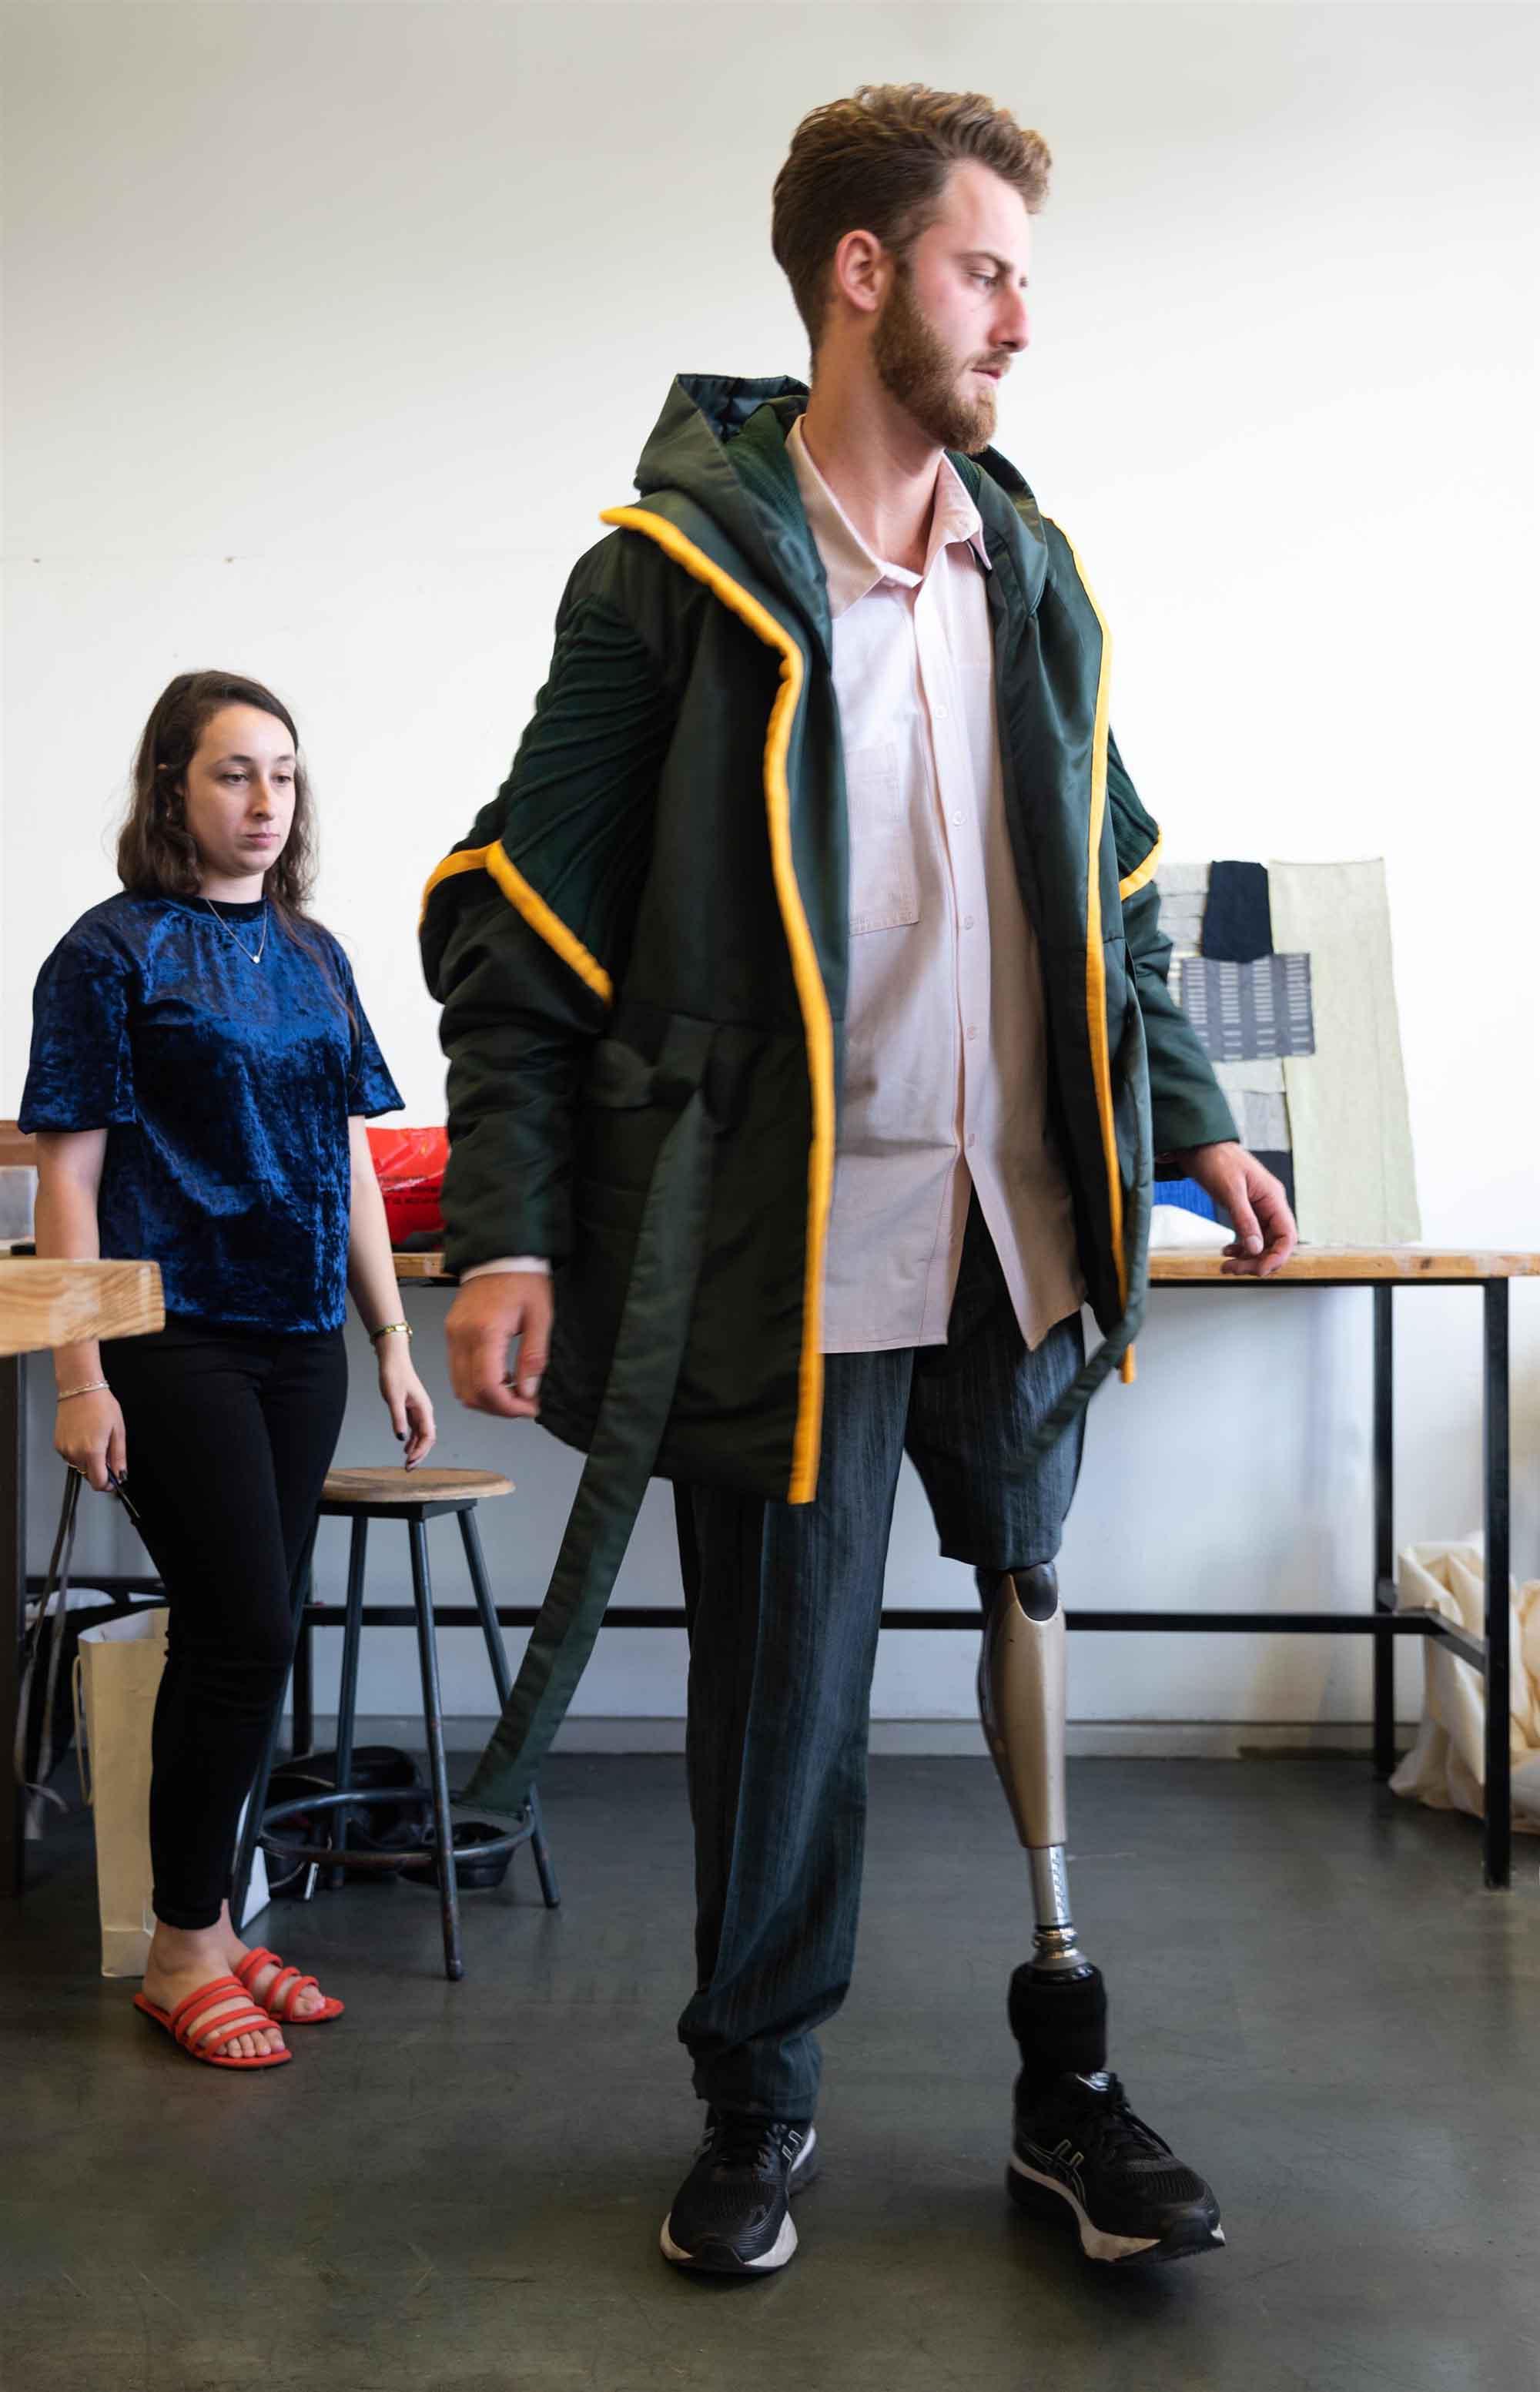 סקי מים. הנרי חן. שנקר: גיל חסון ושני פלג, עיצוב אופנה